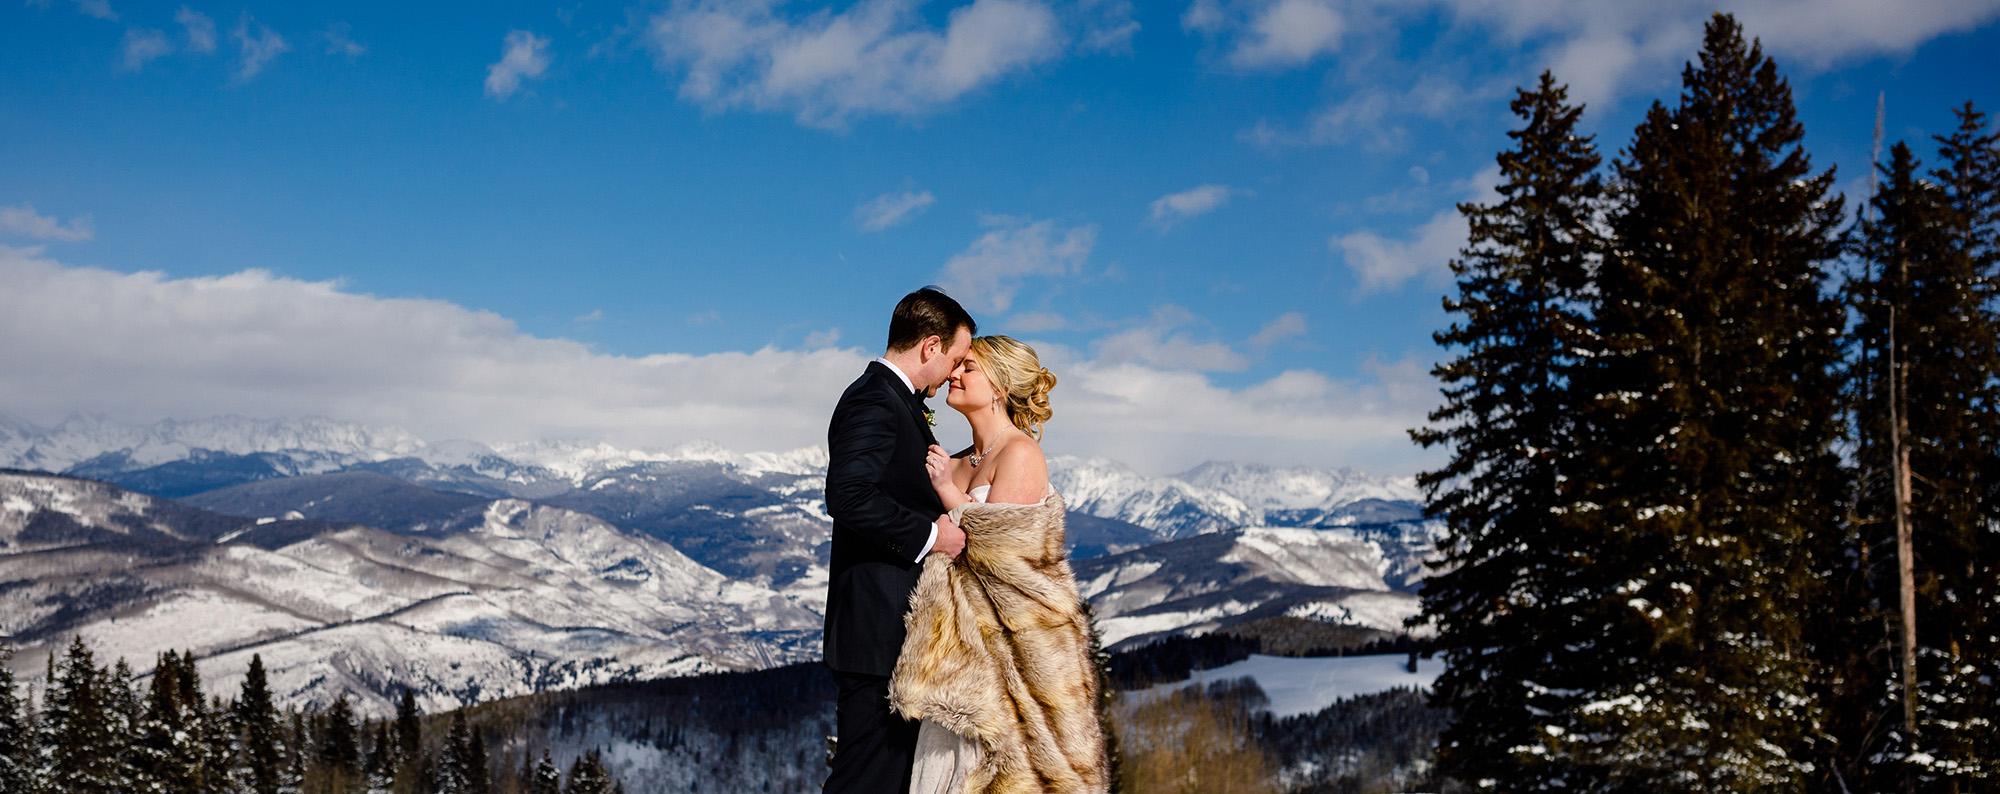 Winter Weddings in Colorado Pricing